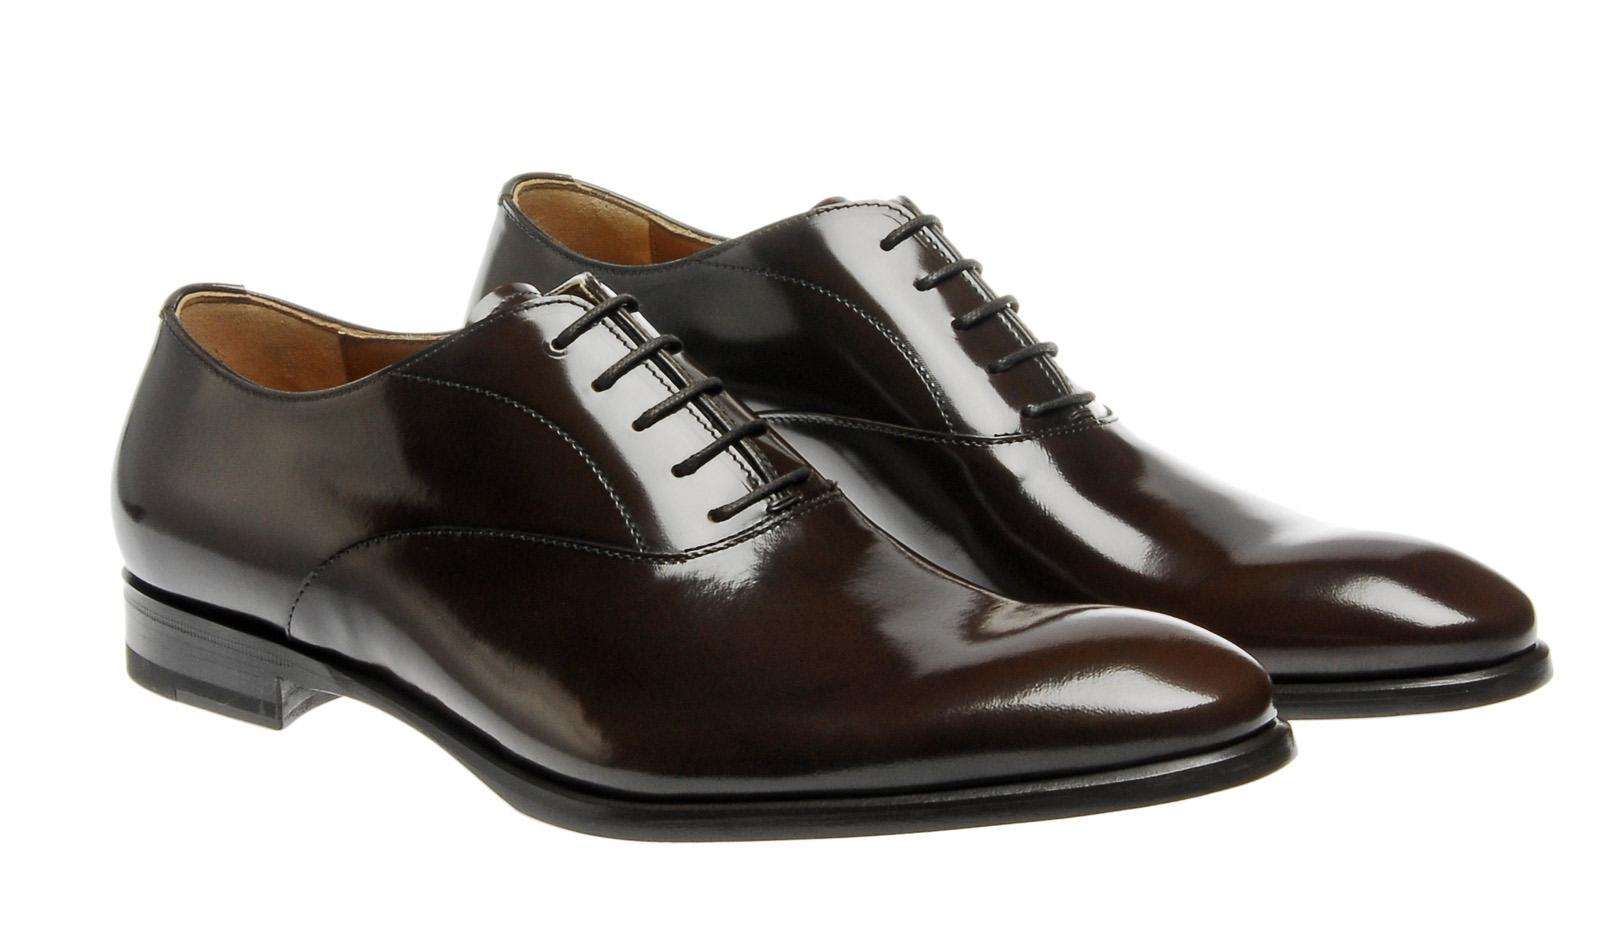 Обувь плохого качества